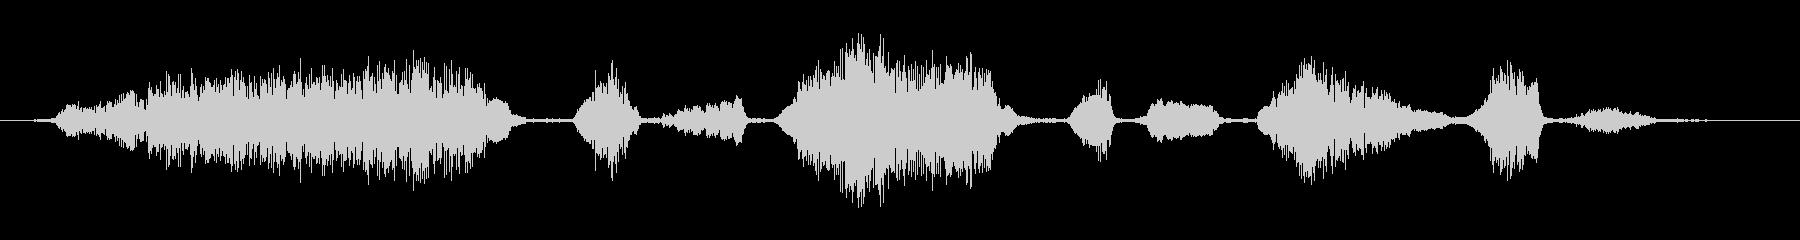 ロバ スクリーム01の未再生の波形